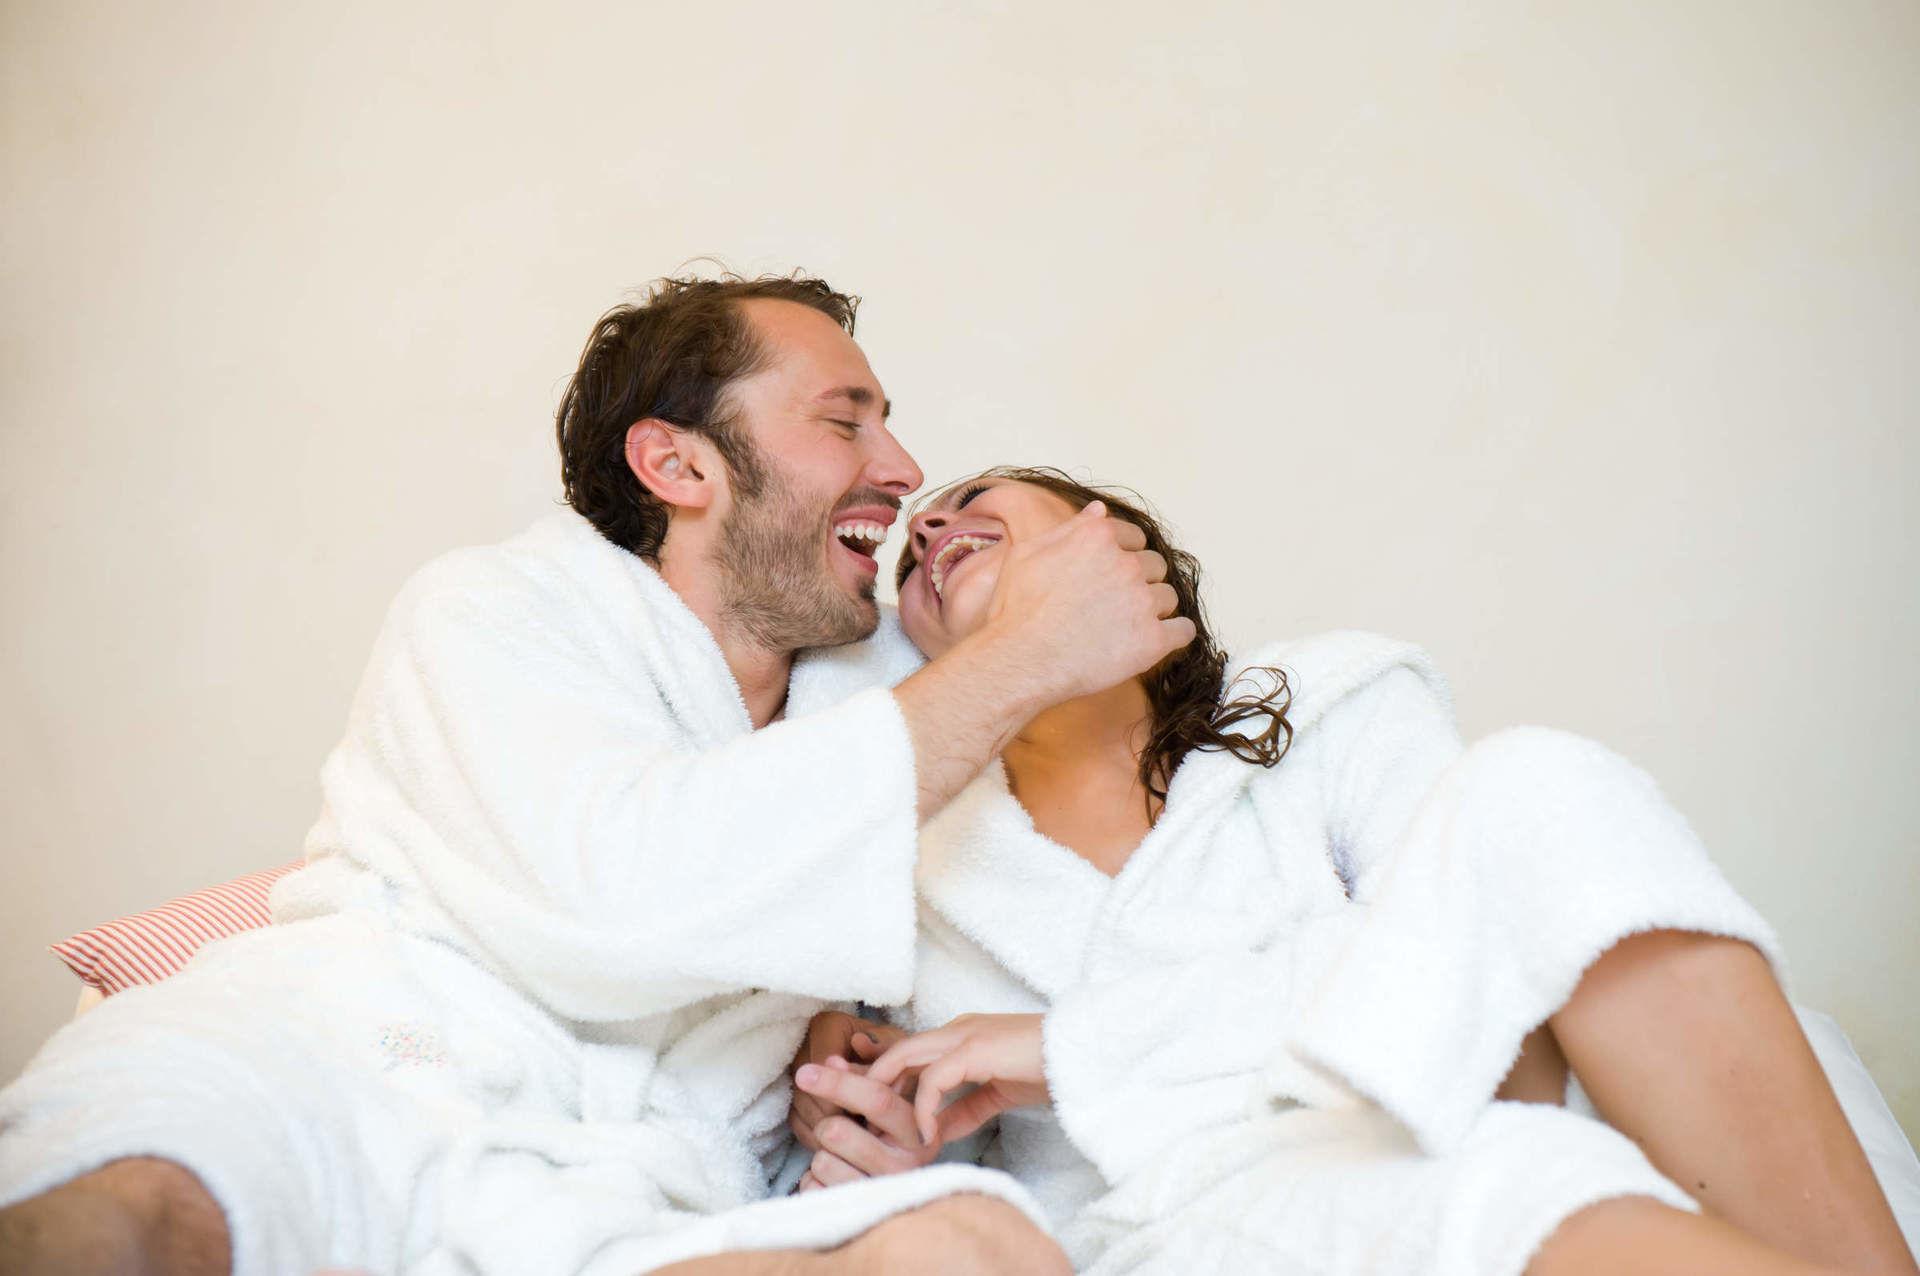 romantik wochenende zu zweit hotel romantischer winkel. Black Bedroom Furniture Sets. Home Design Ideas